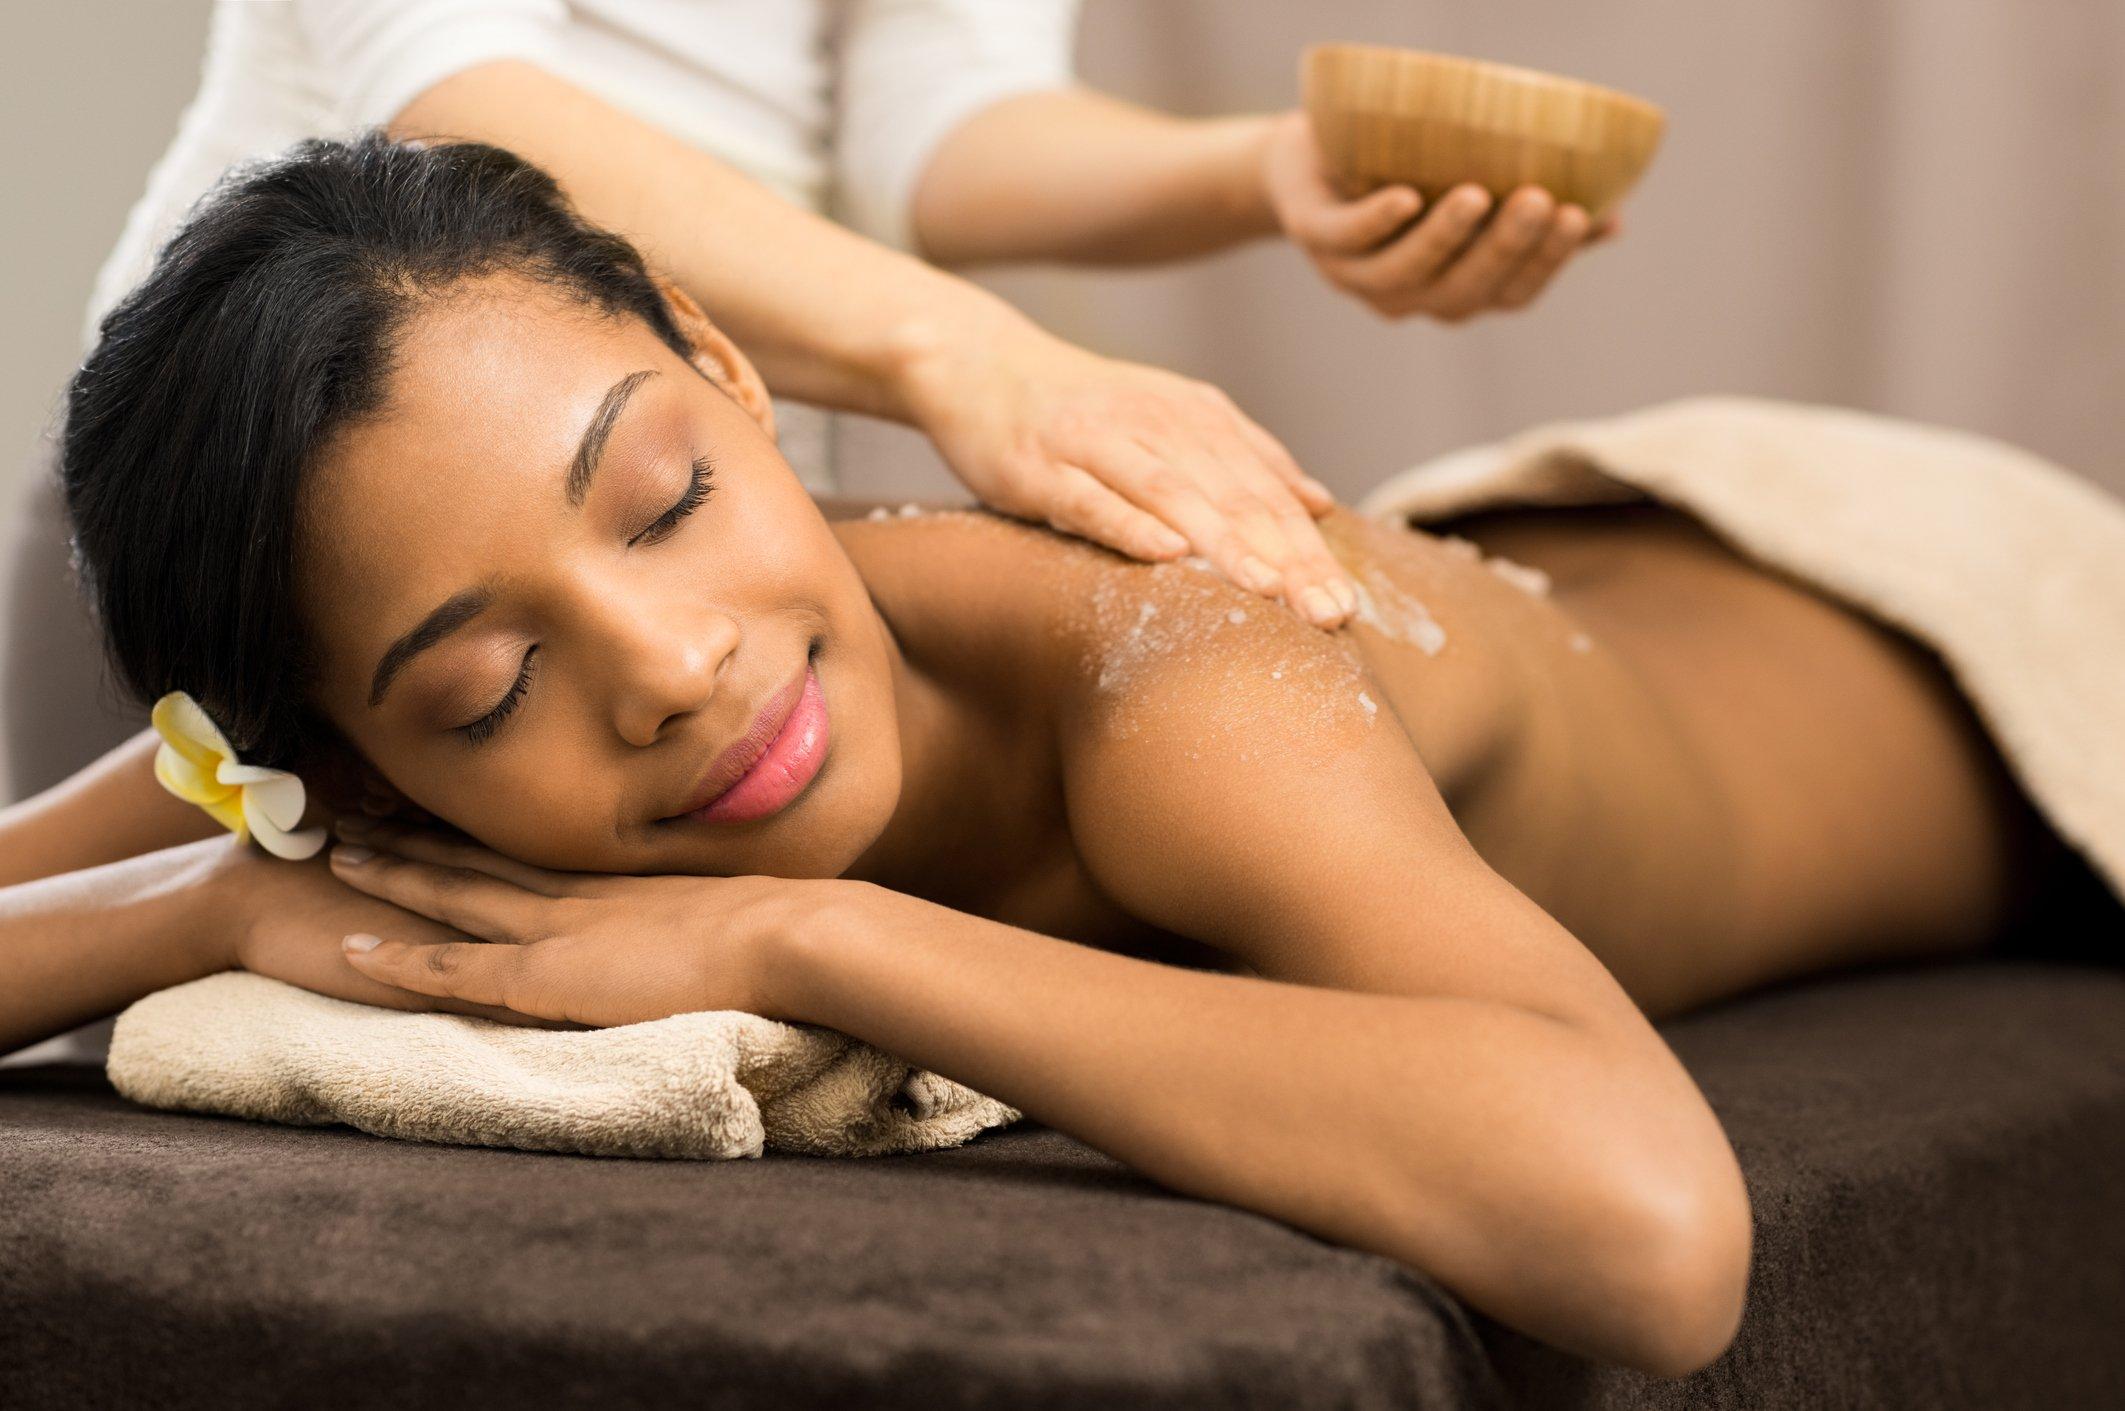 Massage Services Sanford, NC